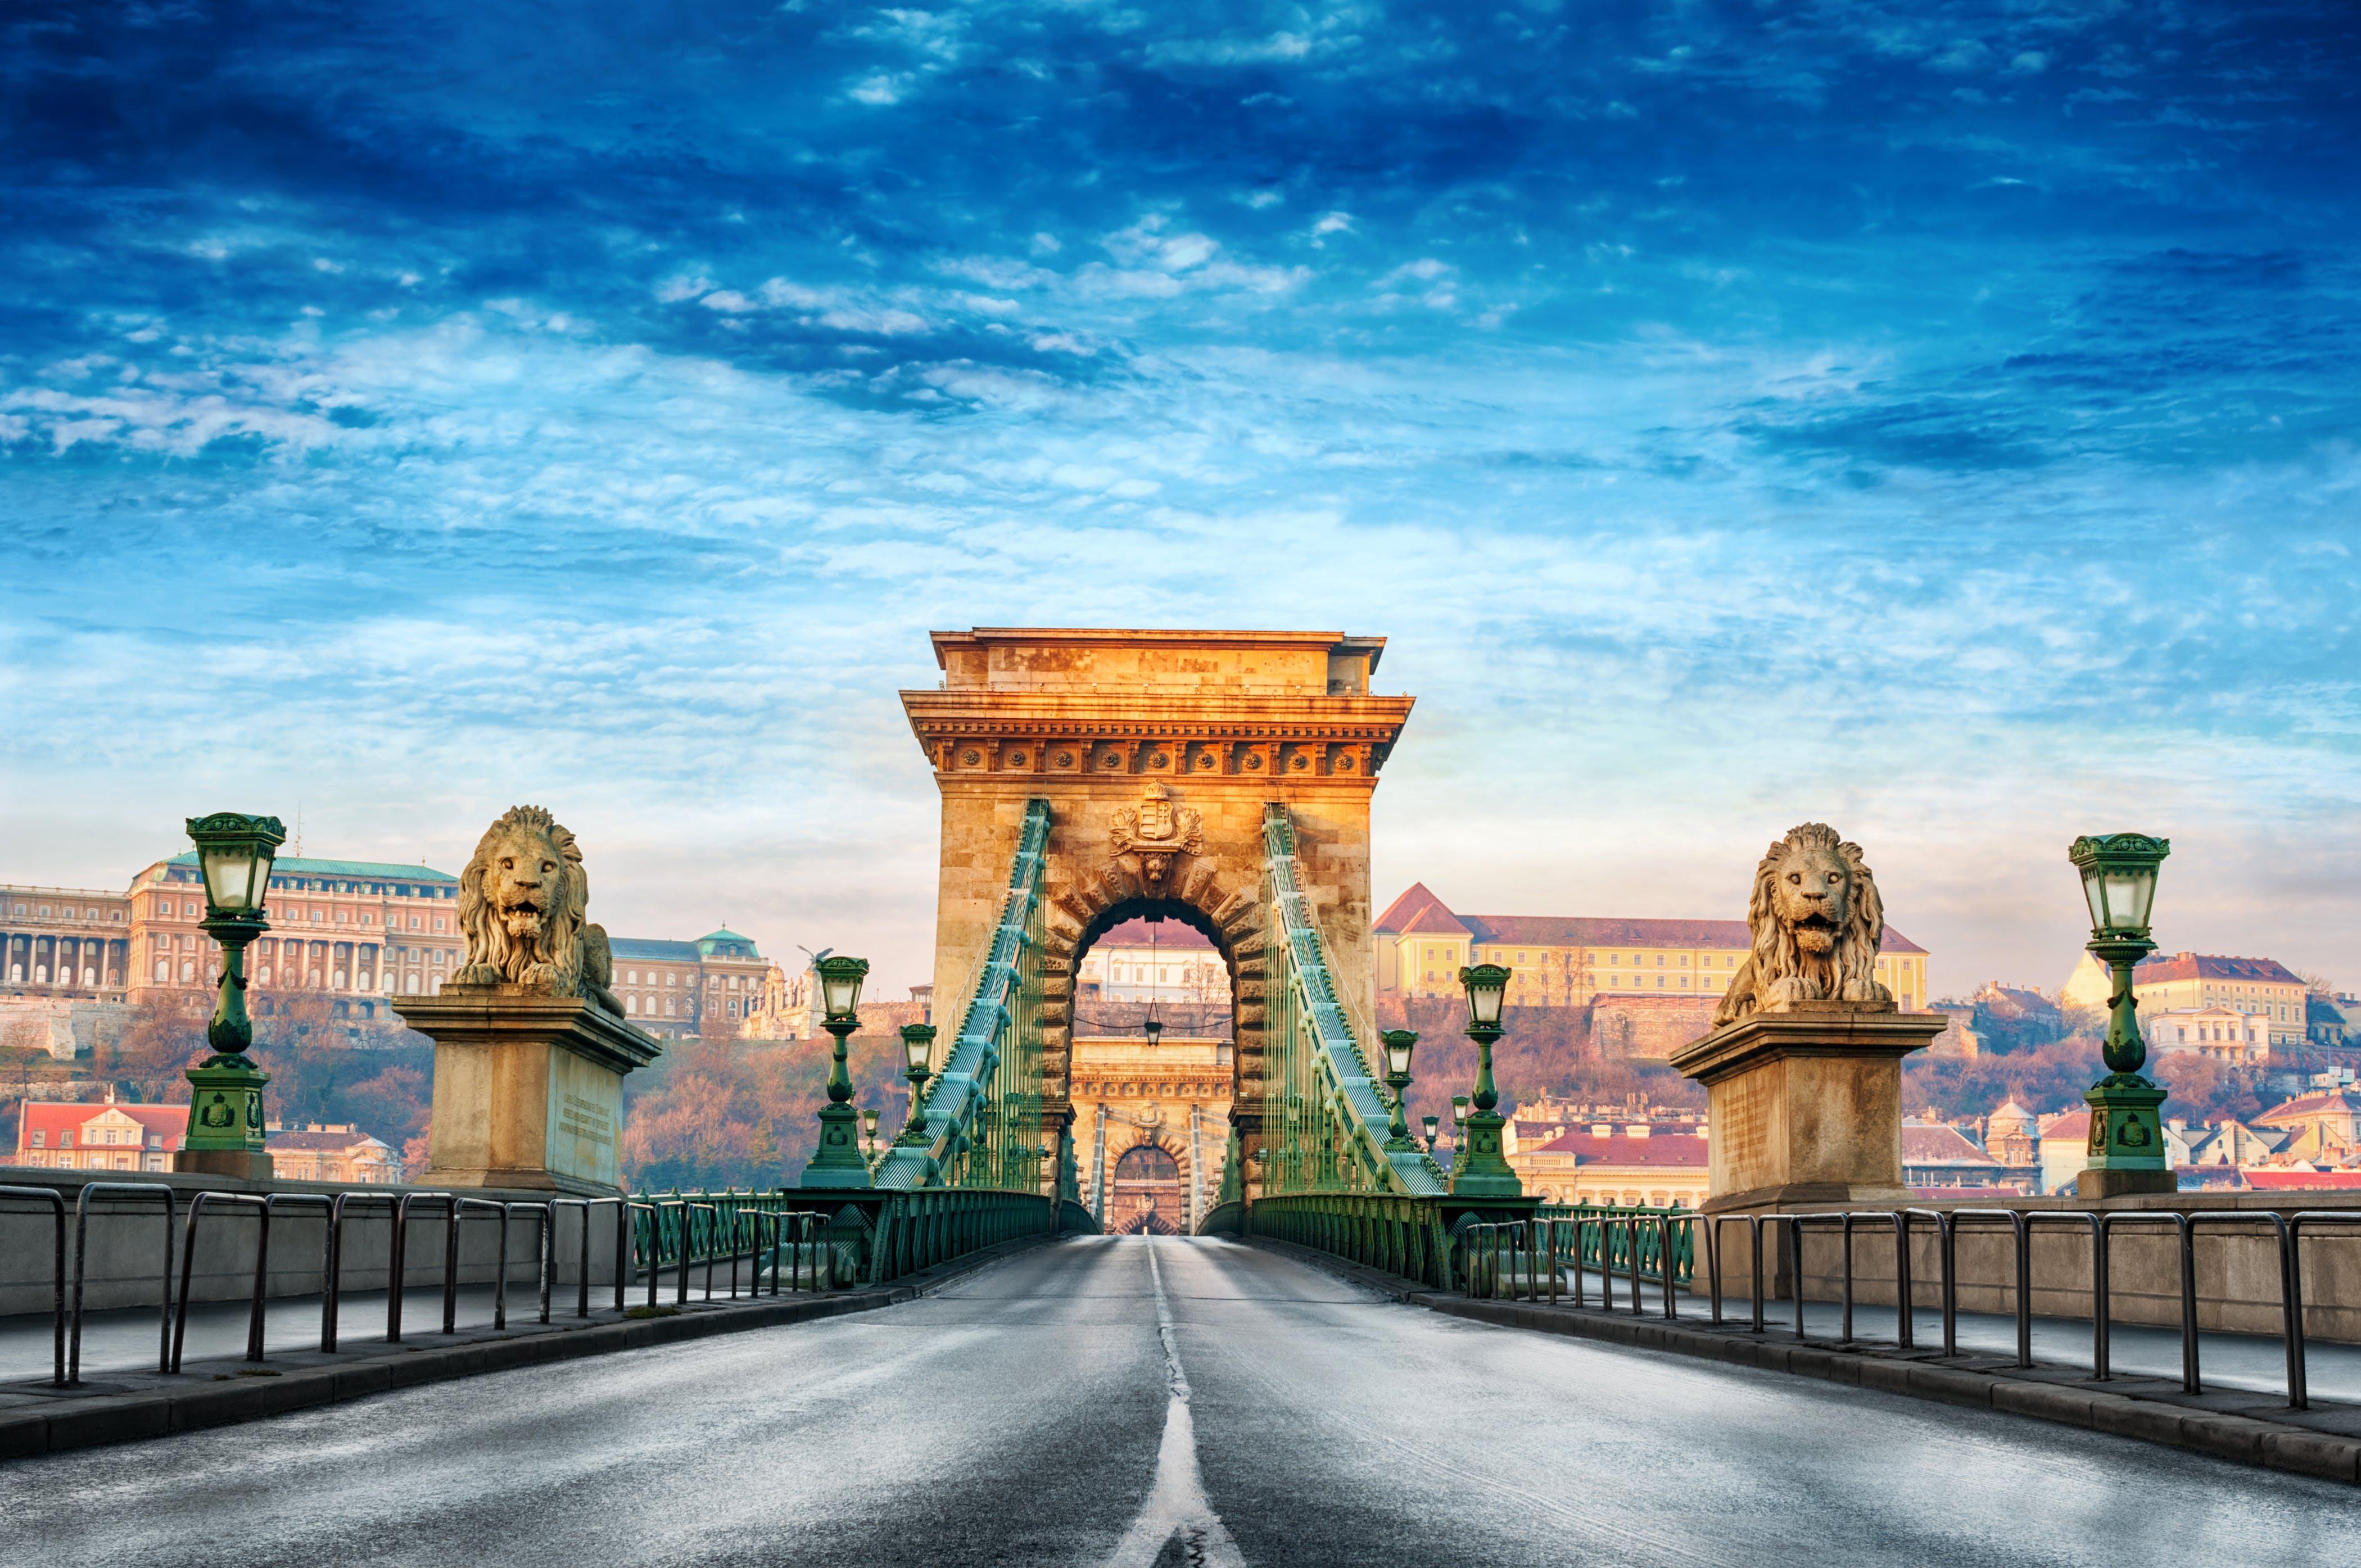 De kettingbrug is een van de opvallendste bouwwerken van Boedapest